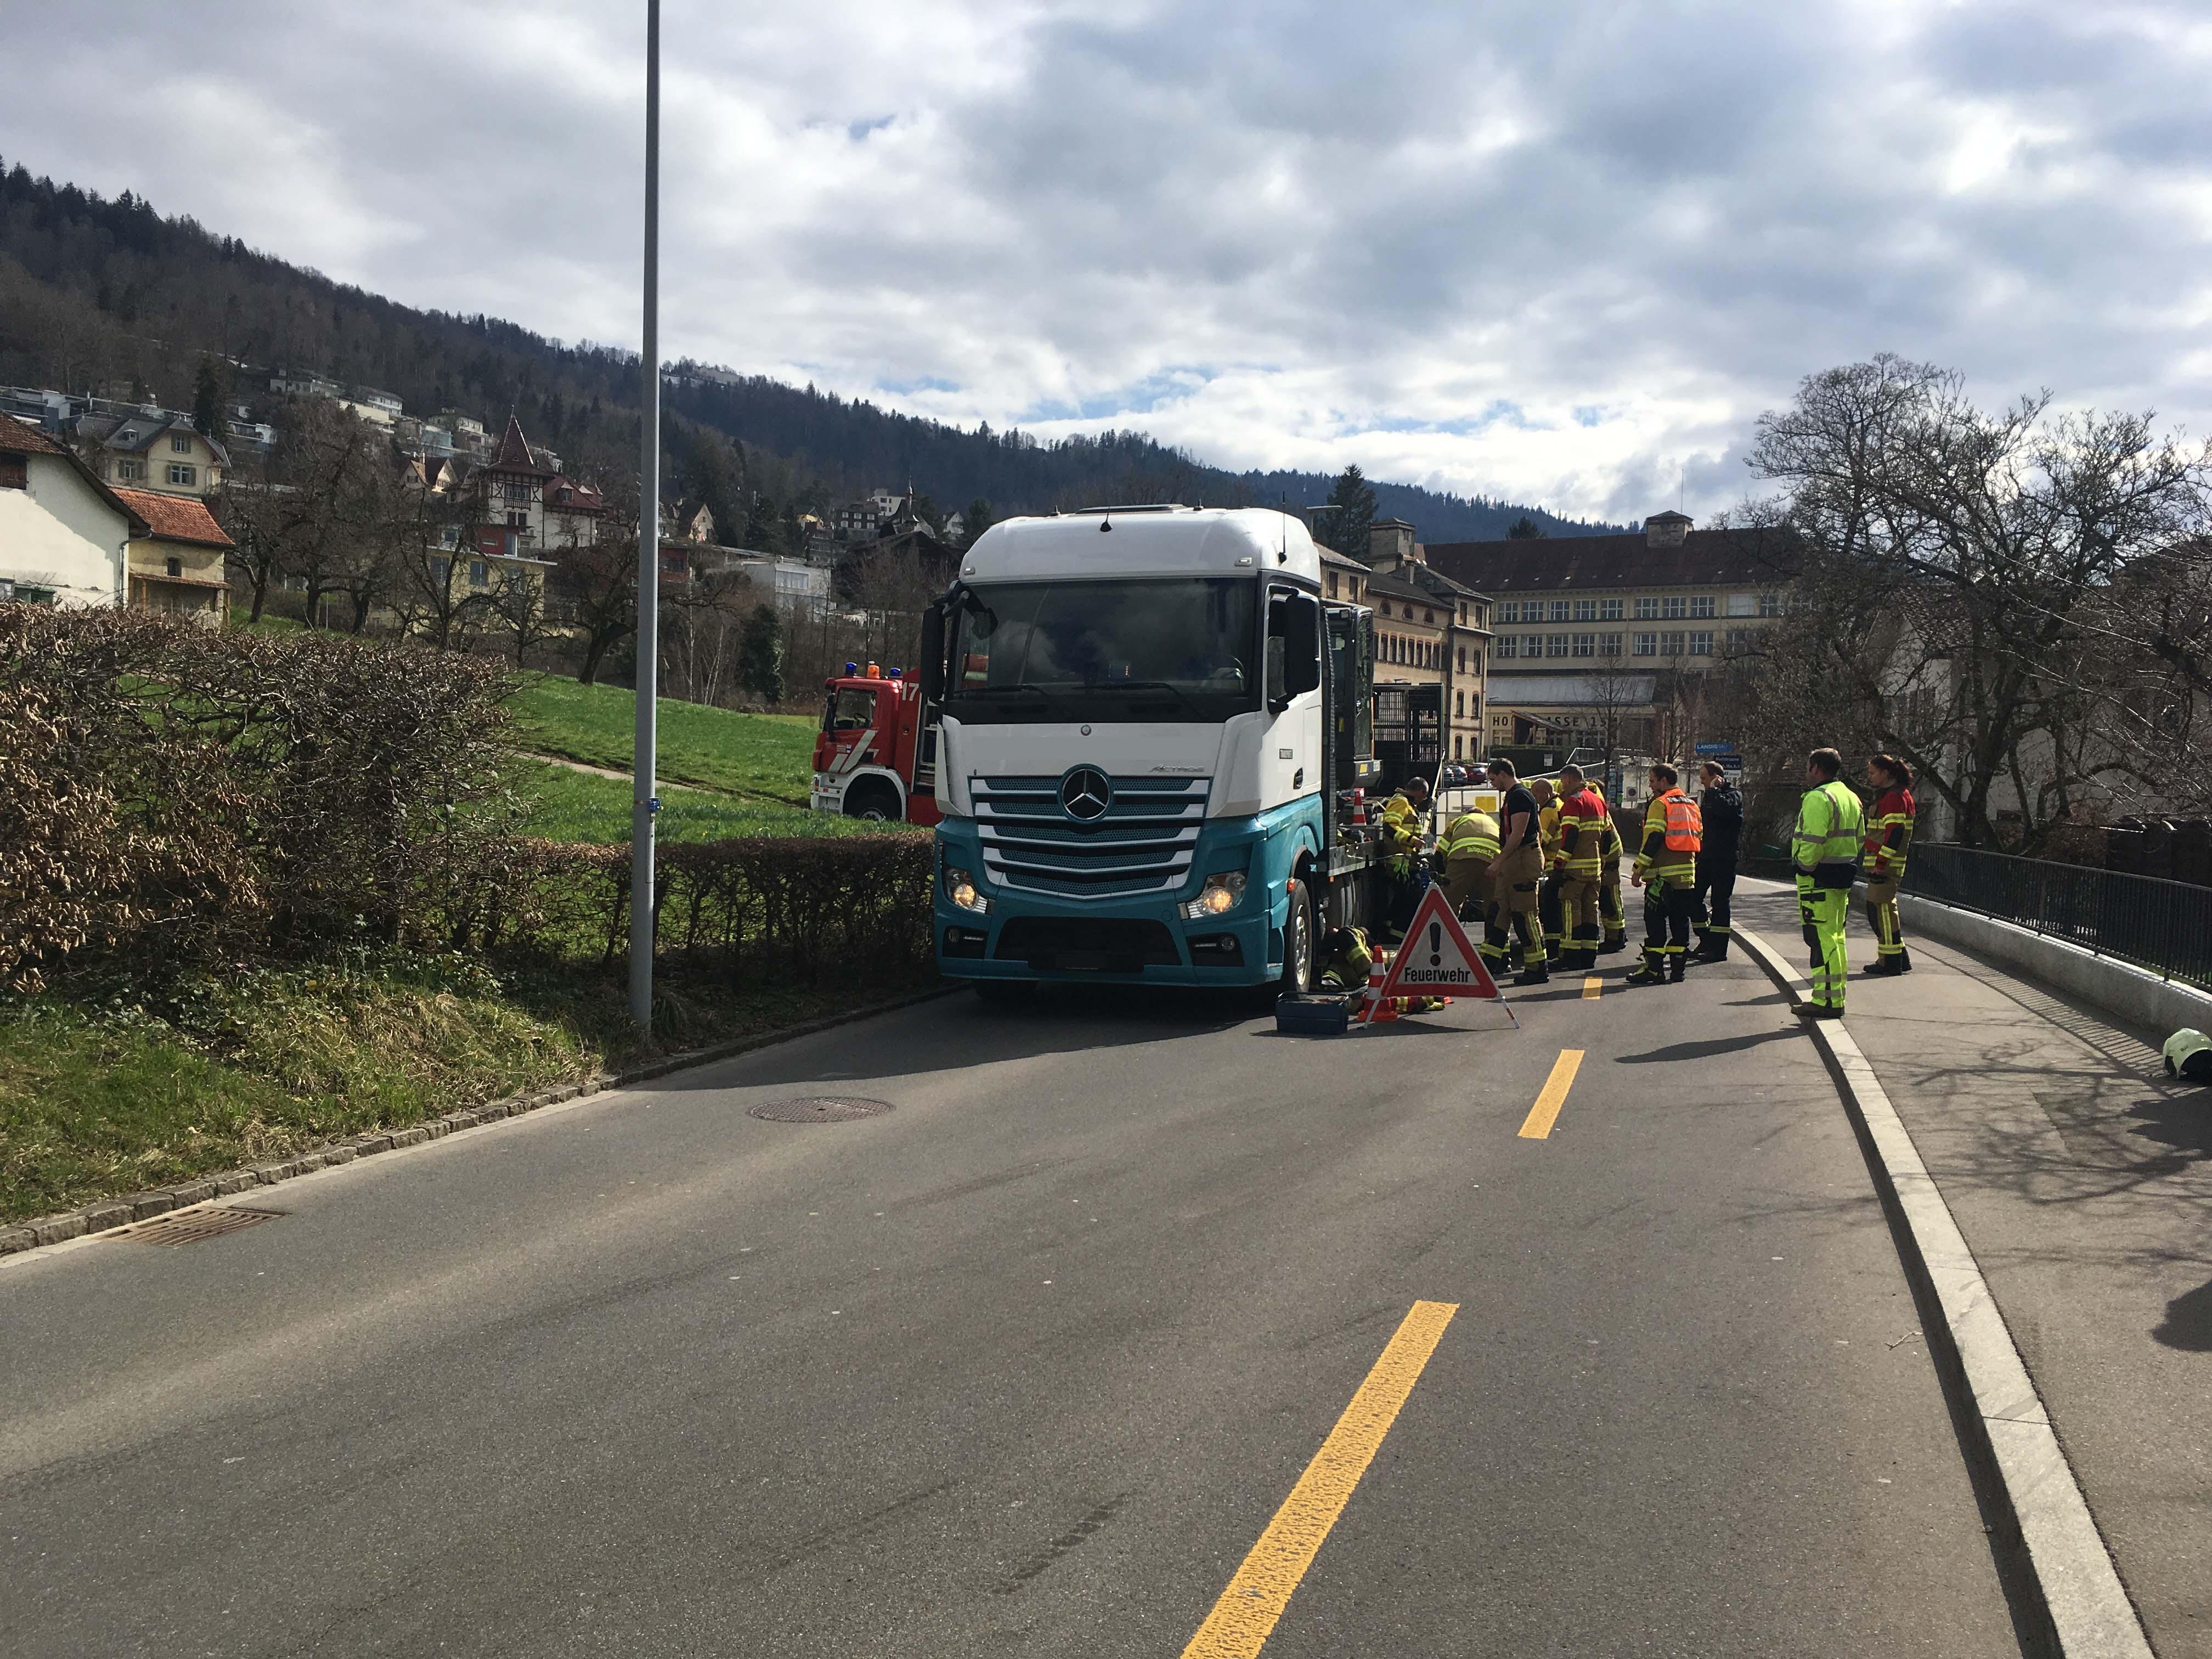 Im Einsatz standen die Freiwillige Feuerwehr Zug und Mitarbeitende der Zuger Polizei